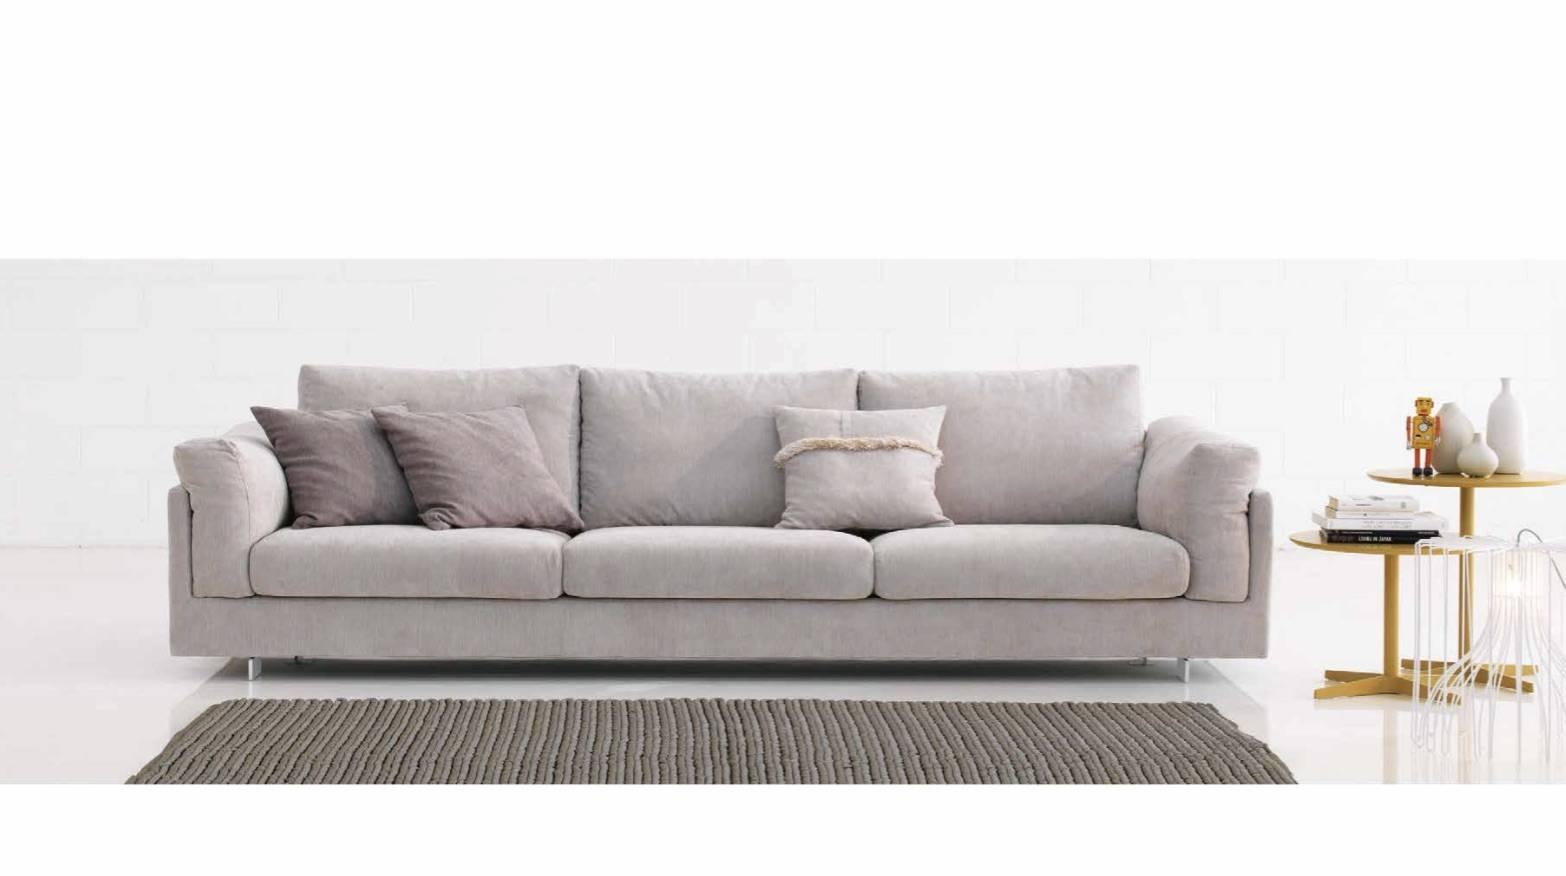 Italian Sofas At Momentoitalia - Modern Sofas,designer Sofas regarding Modern Sofas (Image 9 of 15)